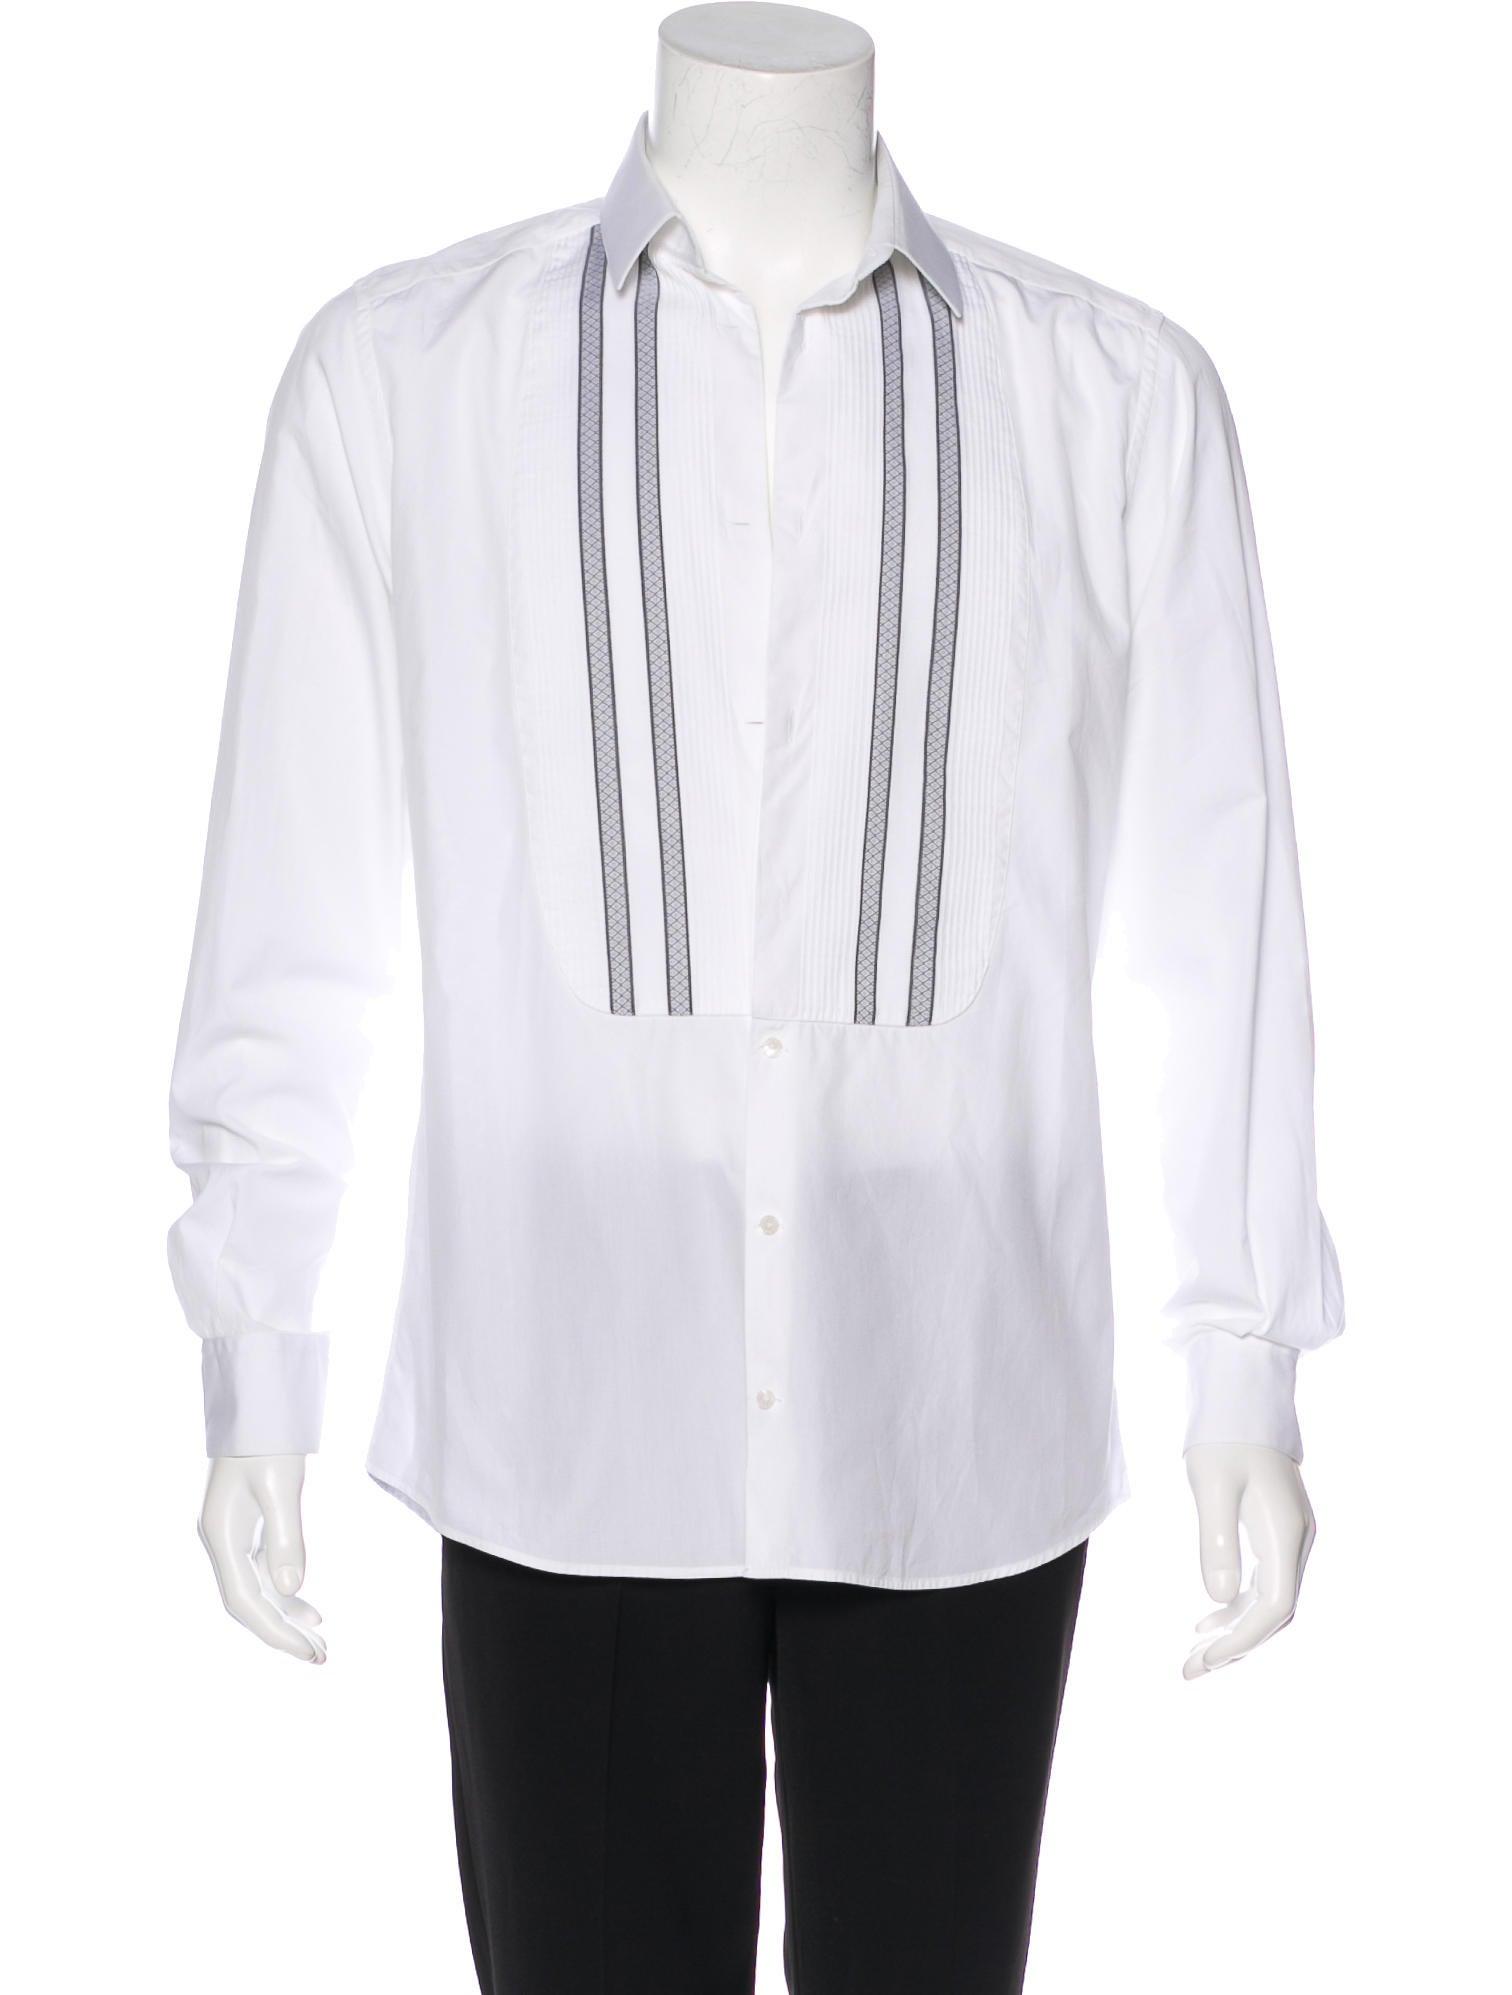 Dolce gabbana striped french cuff tuxedo shirt for Tuxedo shirt french cuff